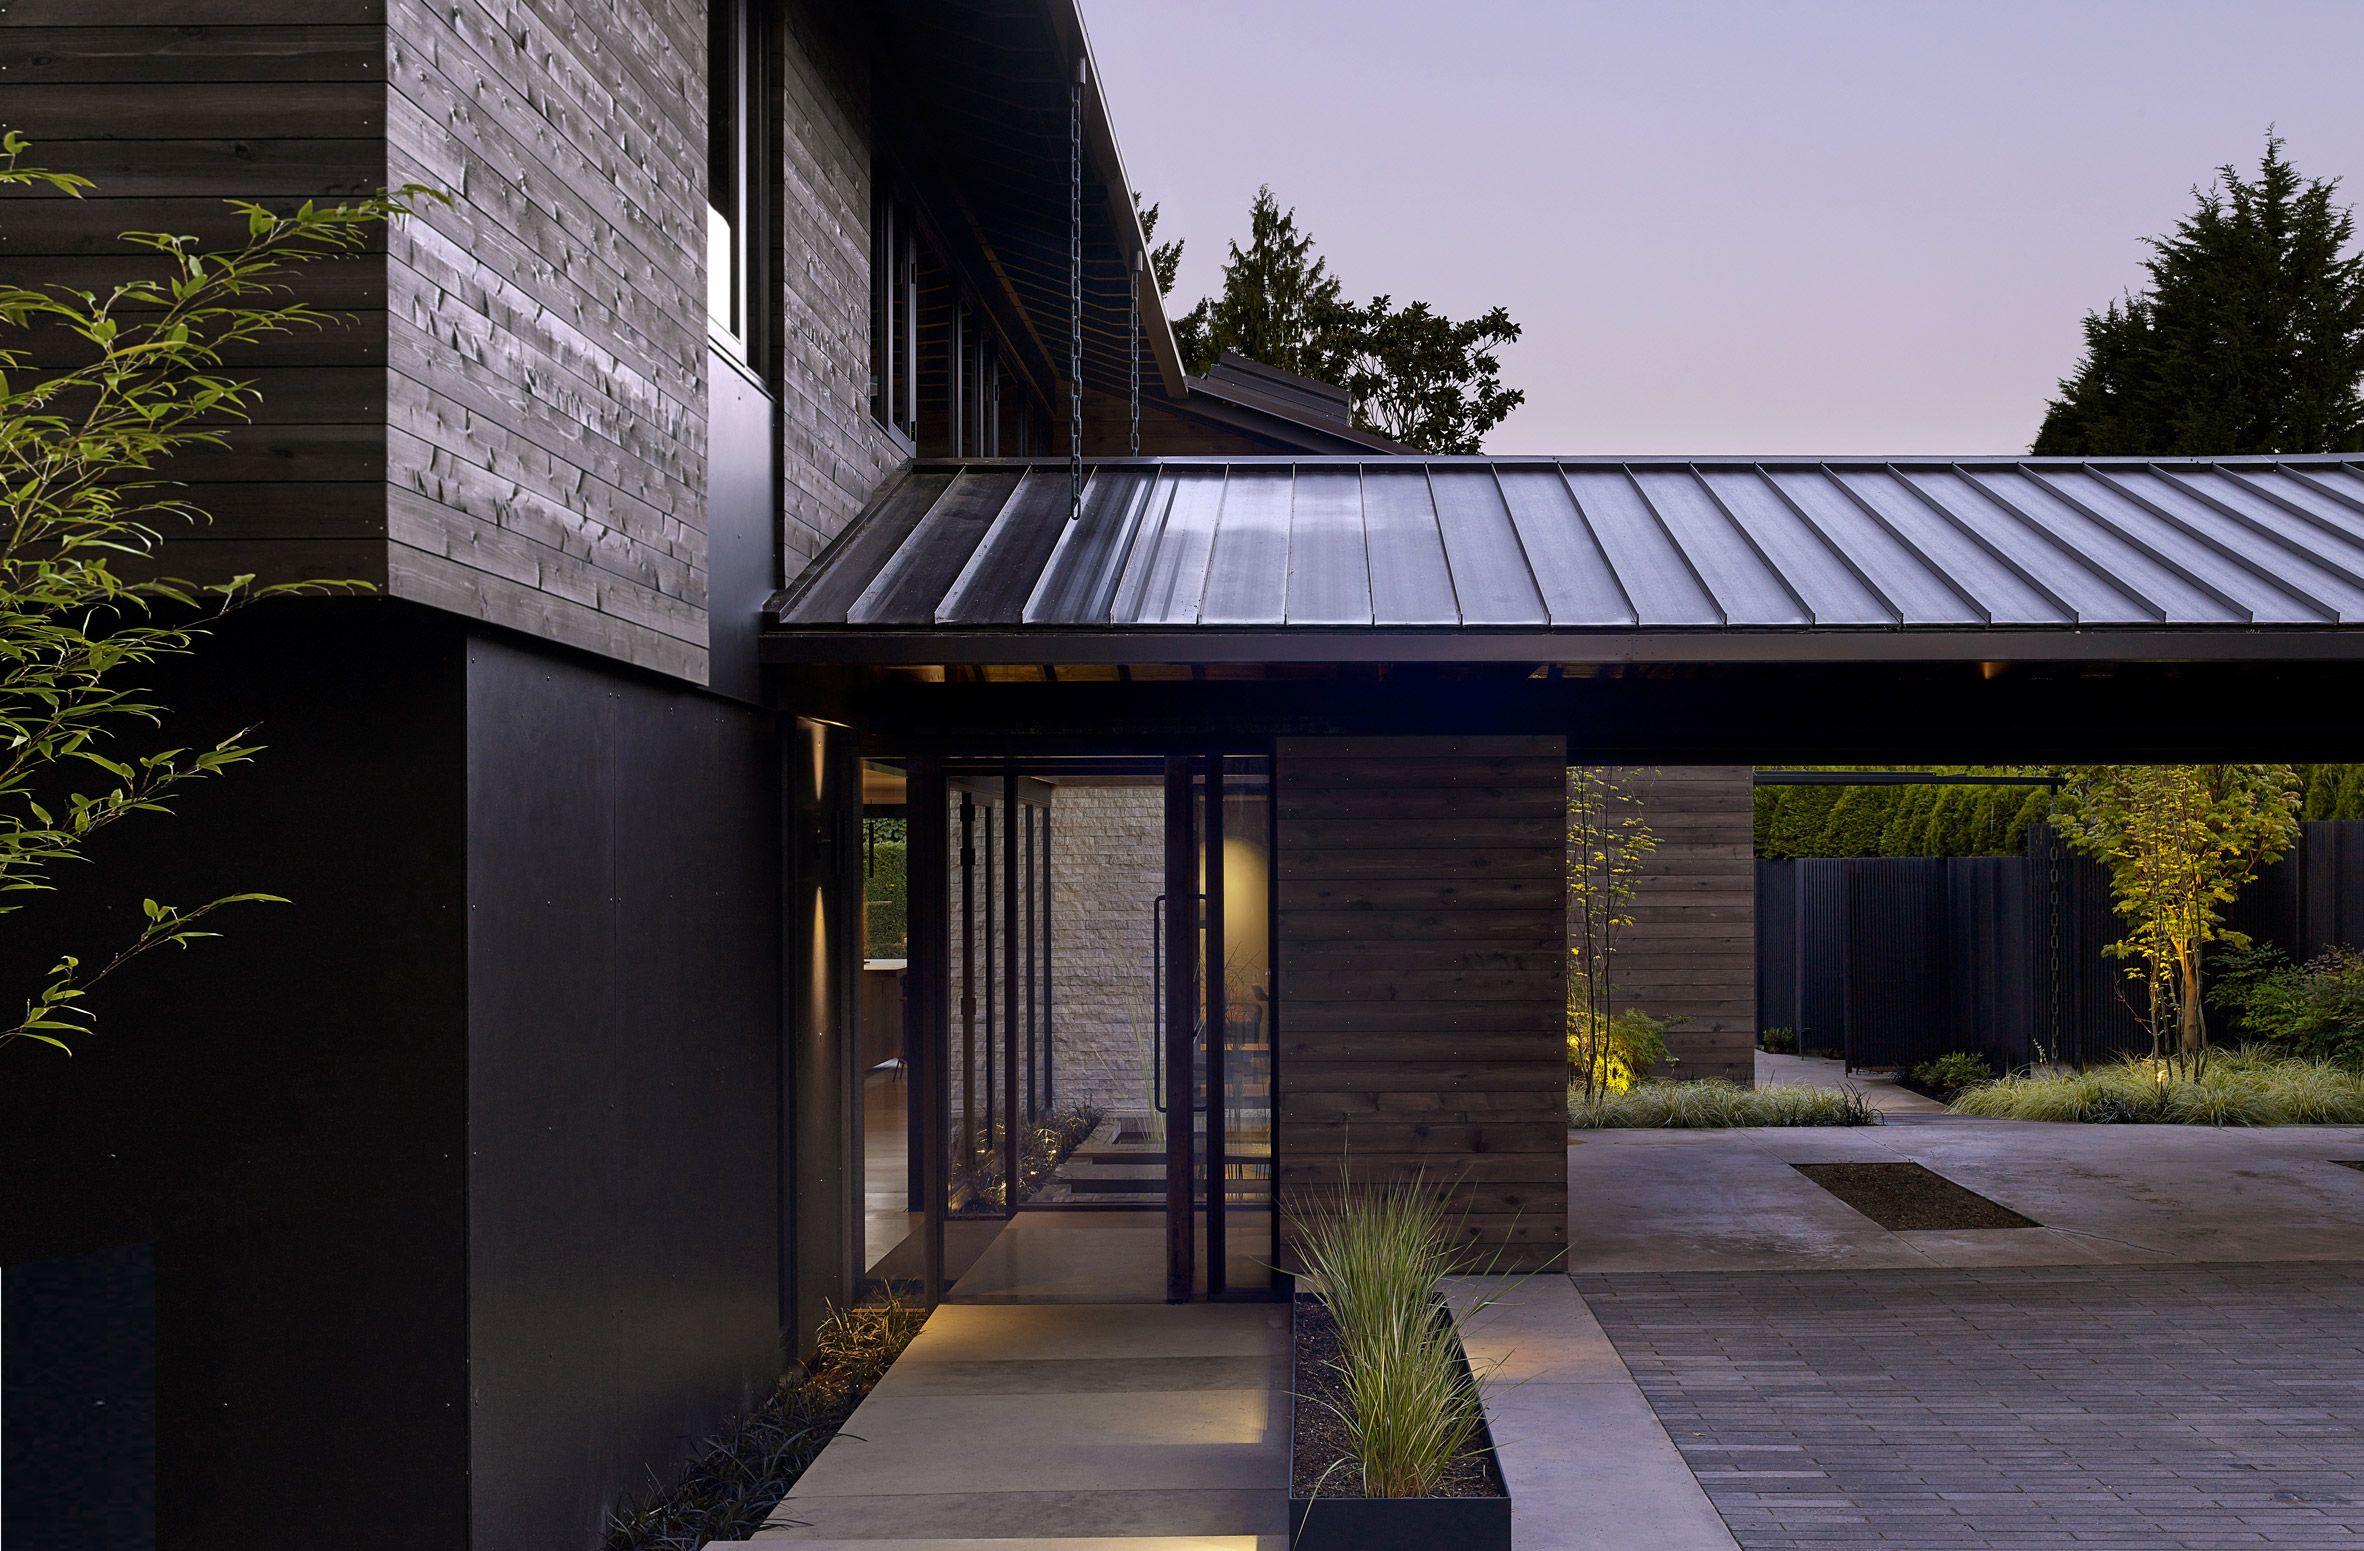 Mw works updates mid century modern home in seattle neighbourhood